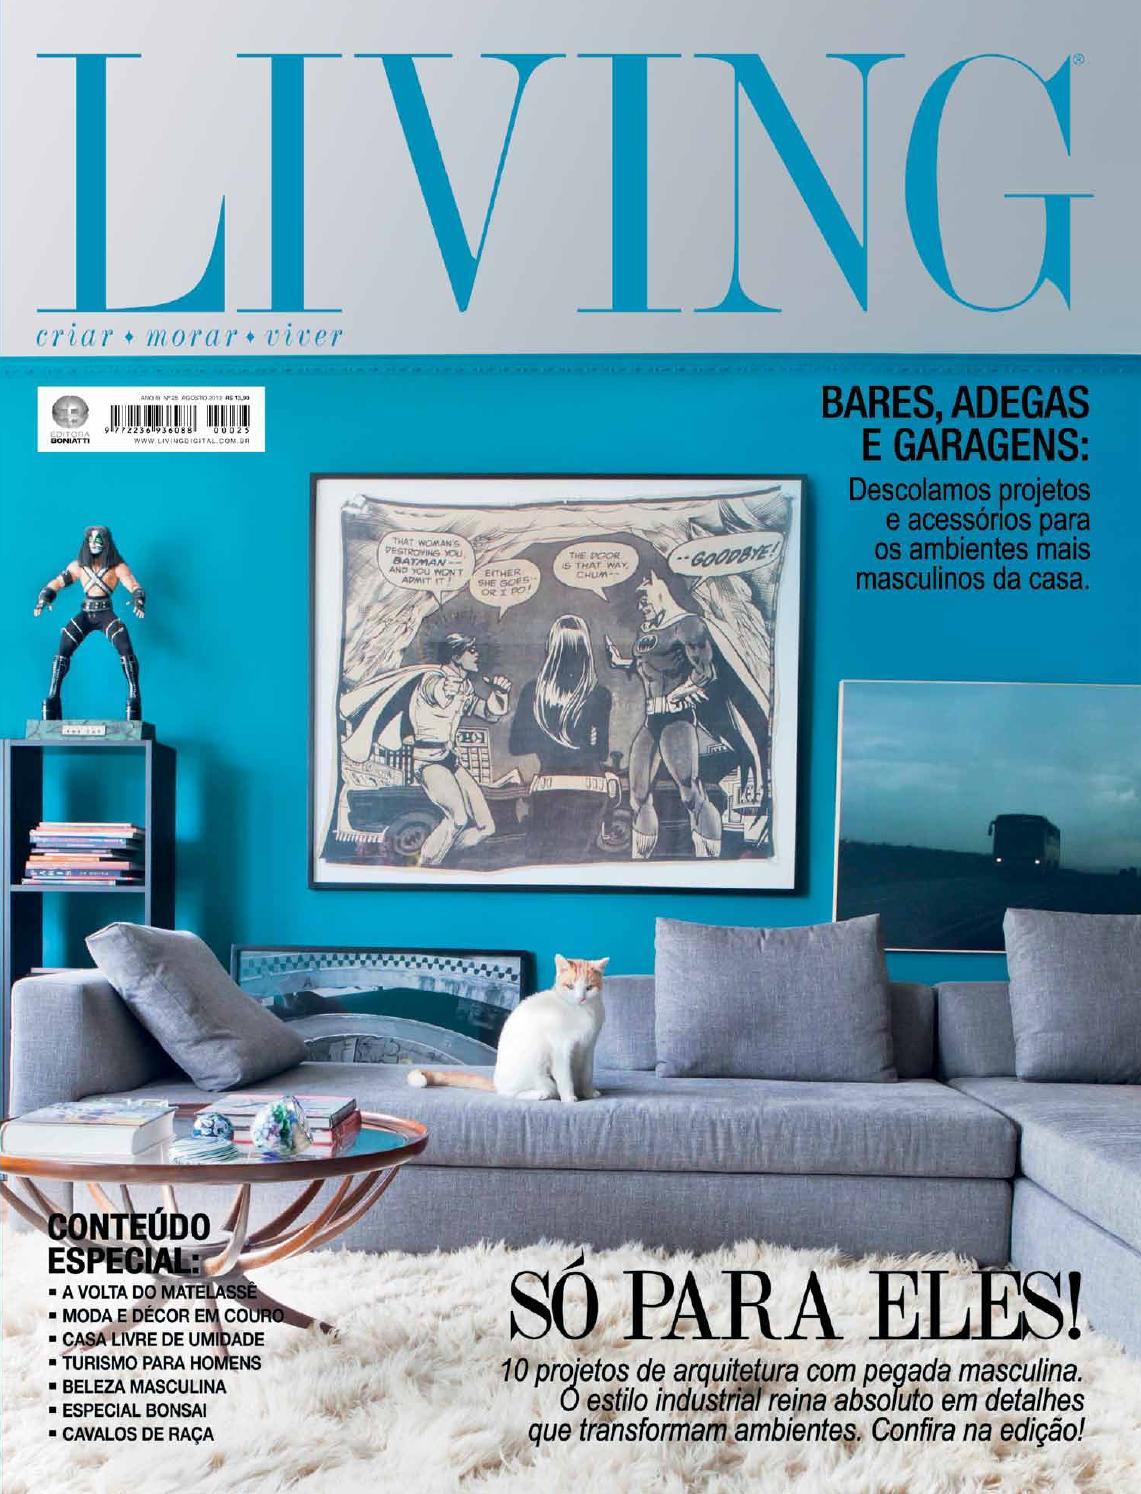 Revista Living - Edição nº 25 - Agosto de 2013 by Revista Living - issuu 9fab050a53